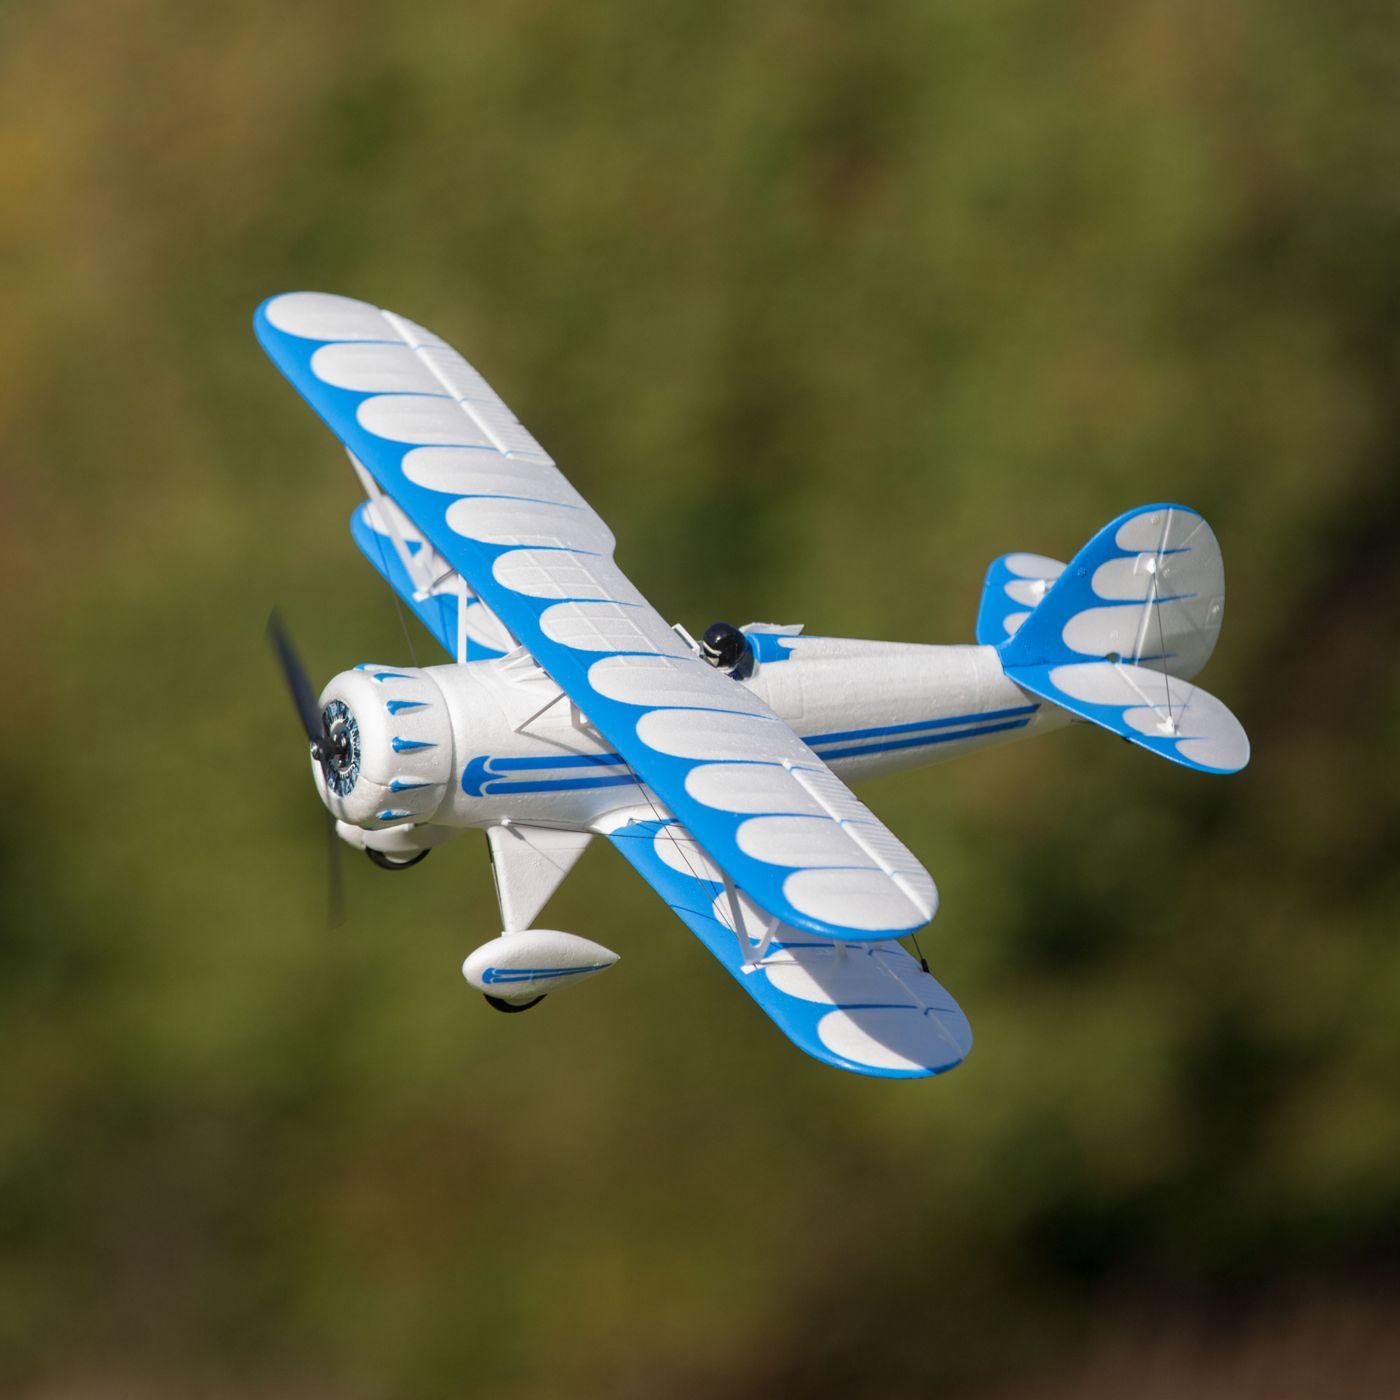 E-flite UMX Waco Biplano BL EDF BNF AS3X 06